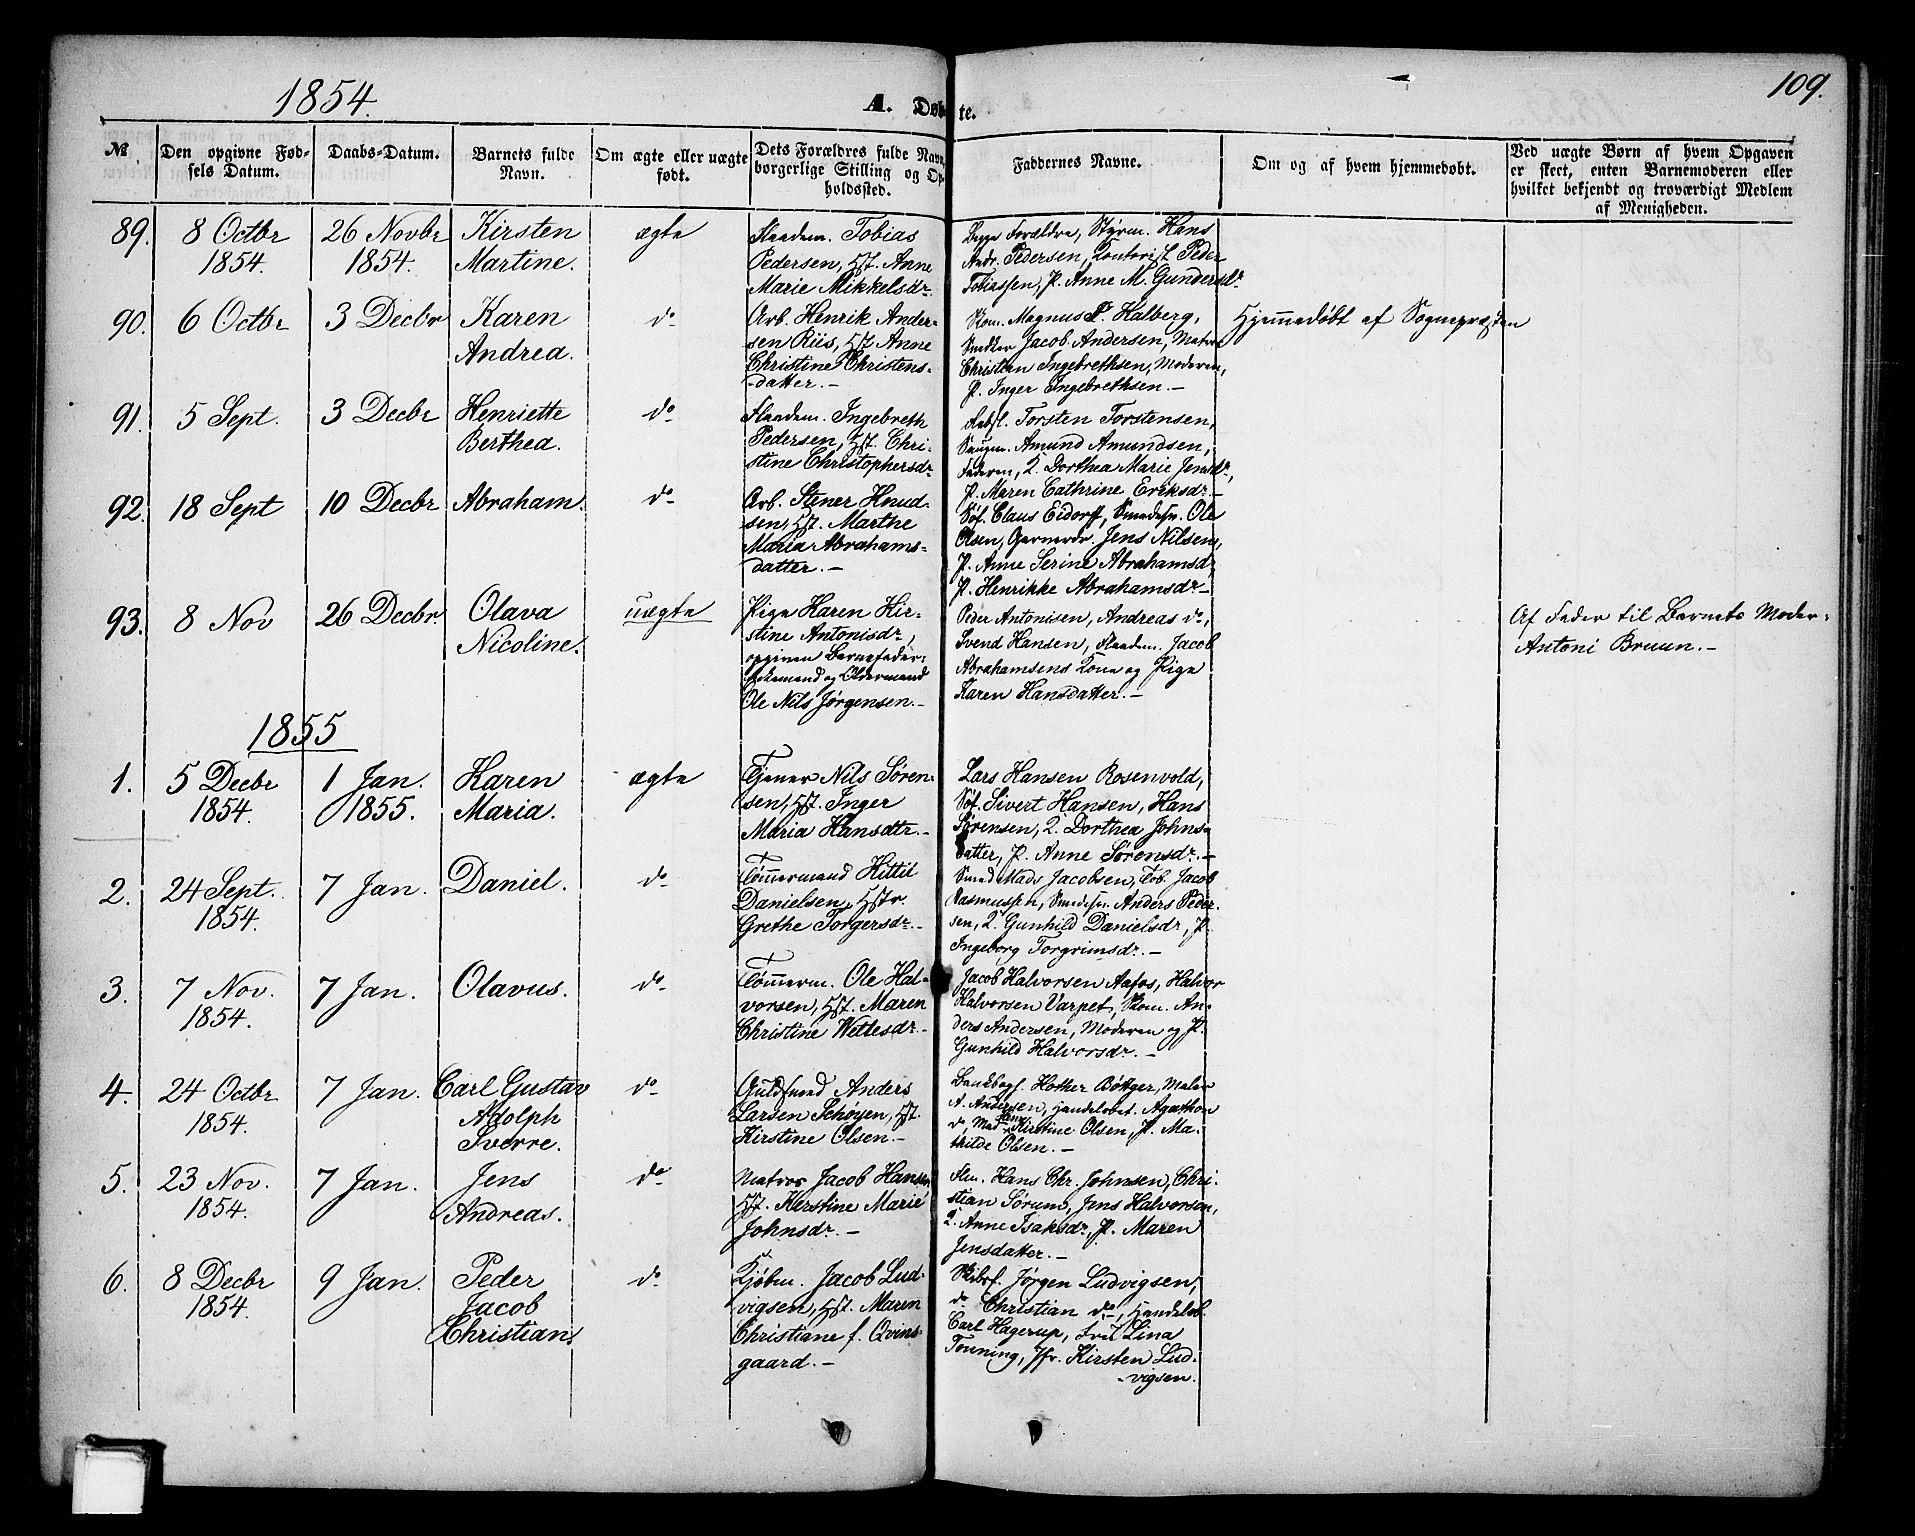 SAKO, Skien kirkebøker, G/Ga/L0004: Klokkerbok nr. 4, 1843-1867, s. 109